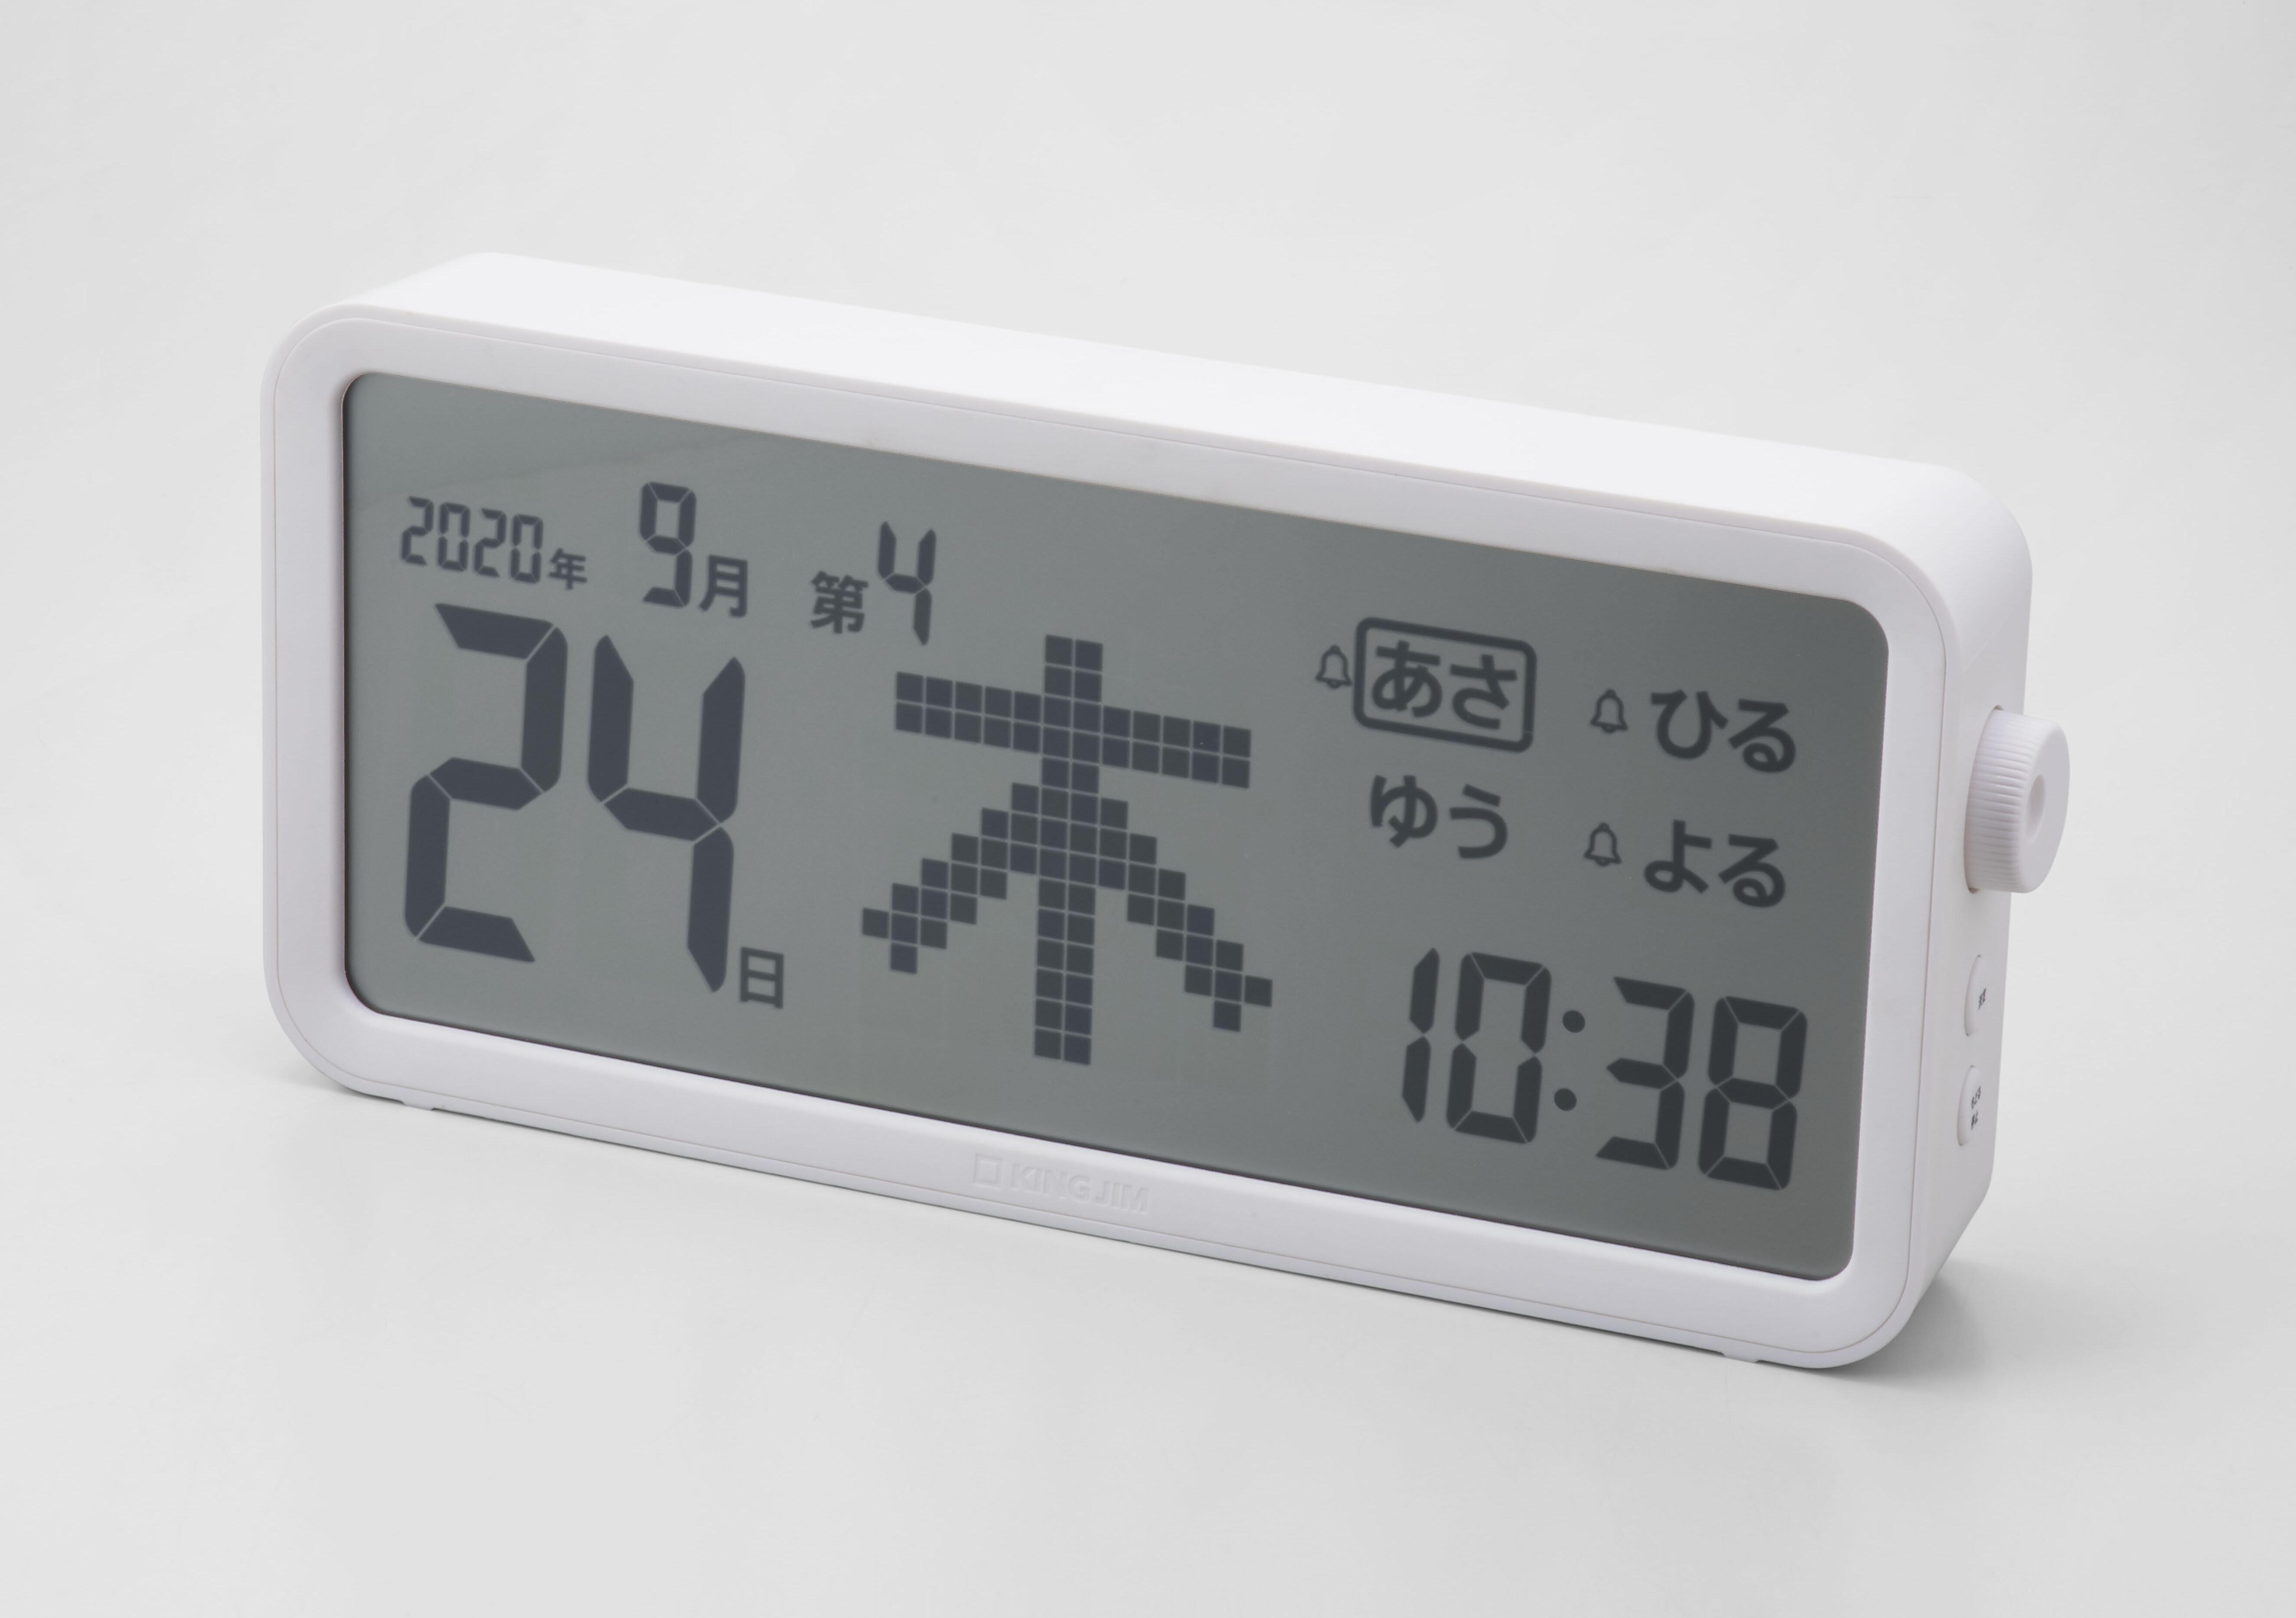 日付と曜日がひと目で分かる「デジタル日めくりカレンダー」 キングジム